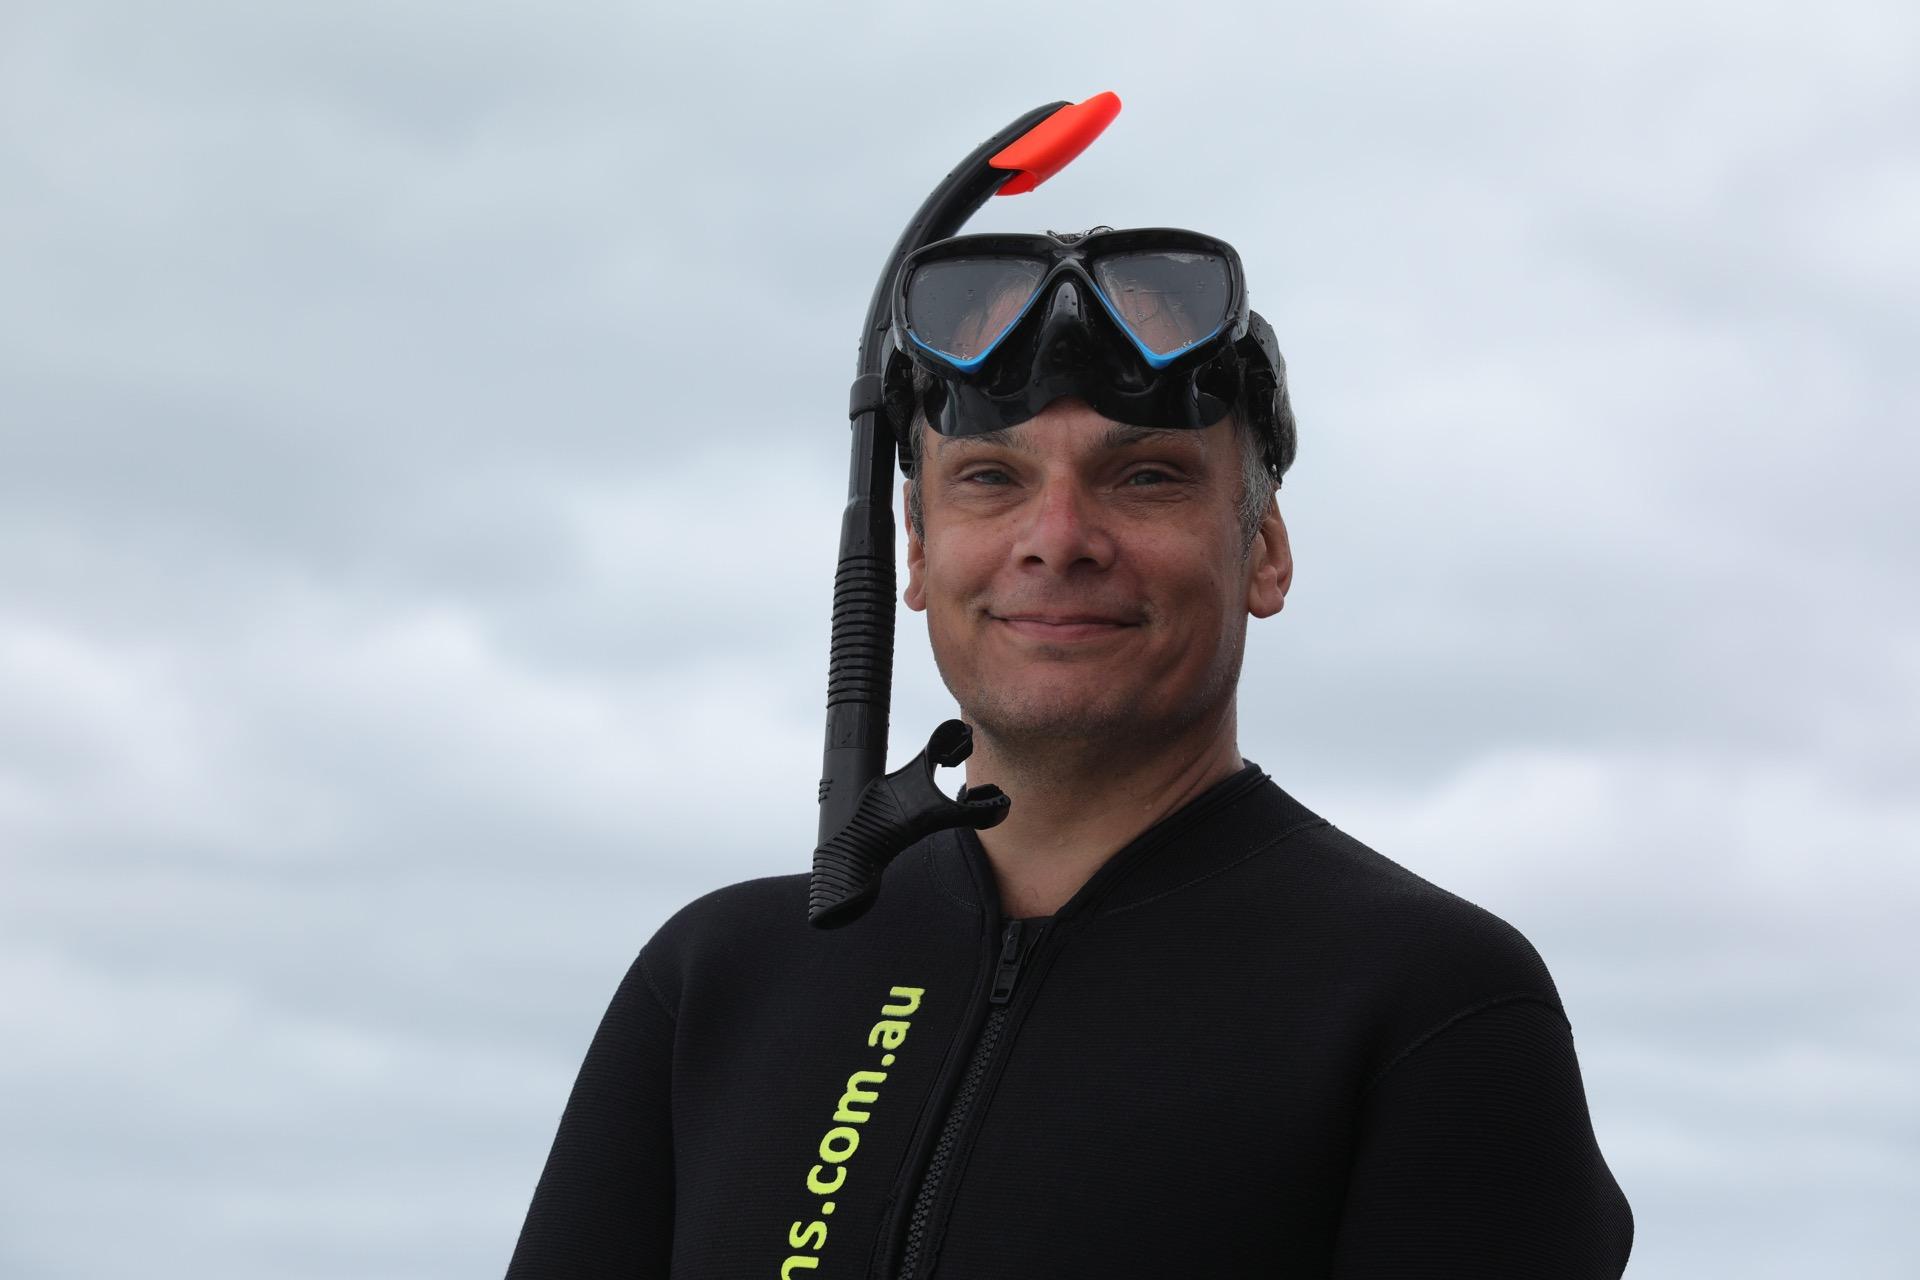 Smart in his wet suit :)